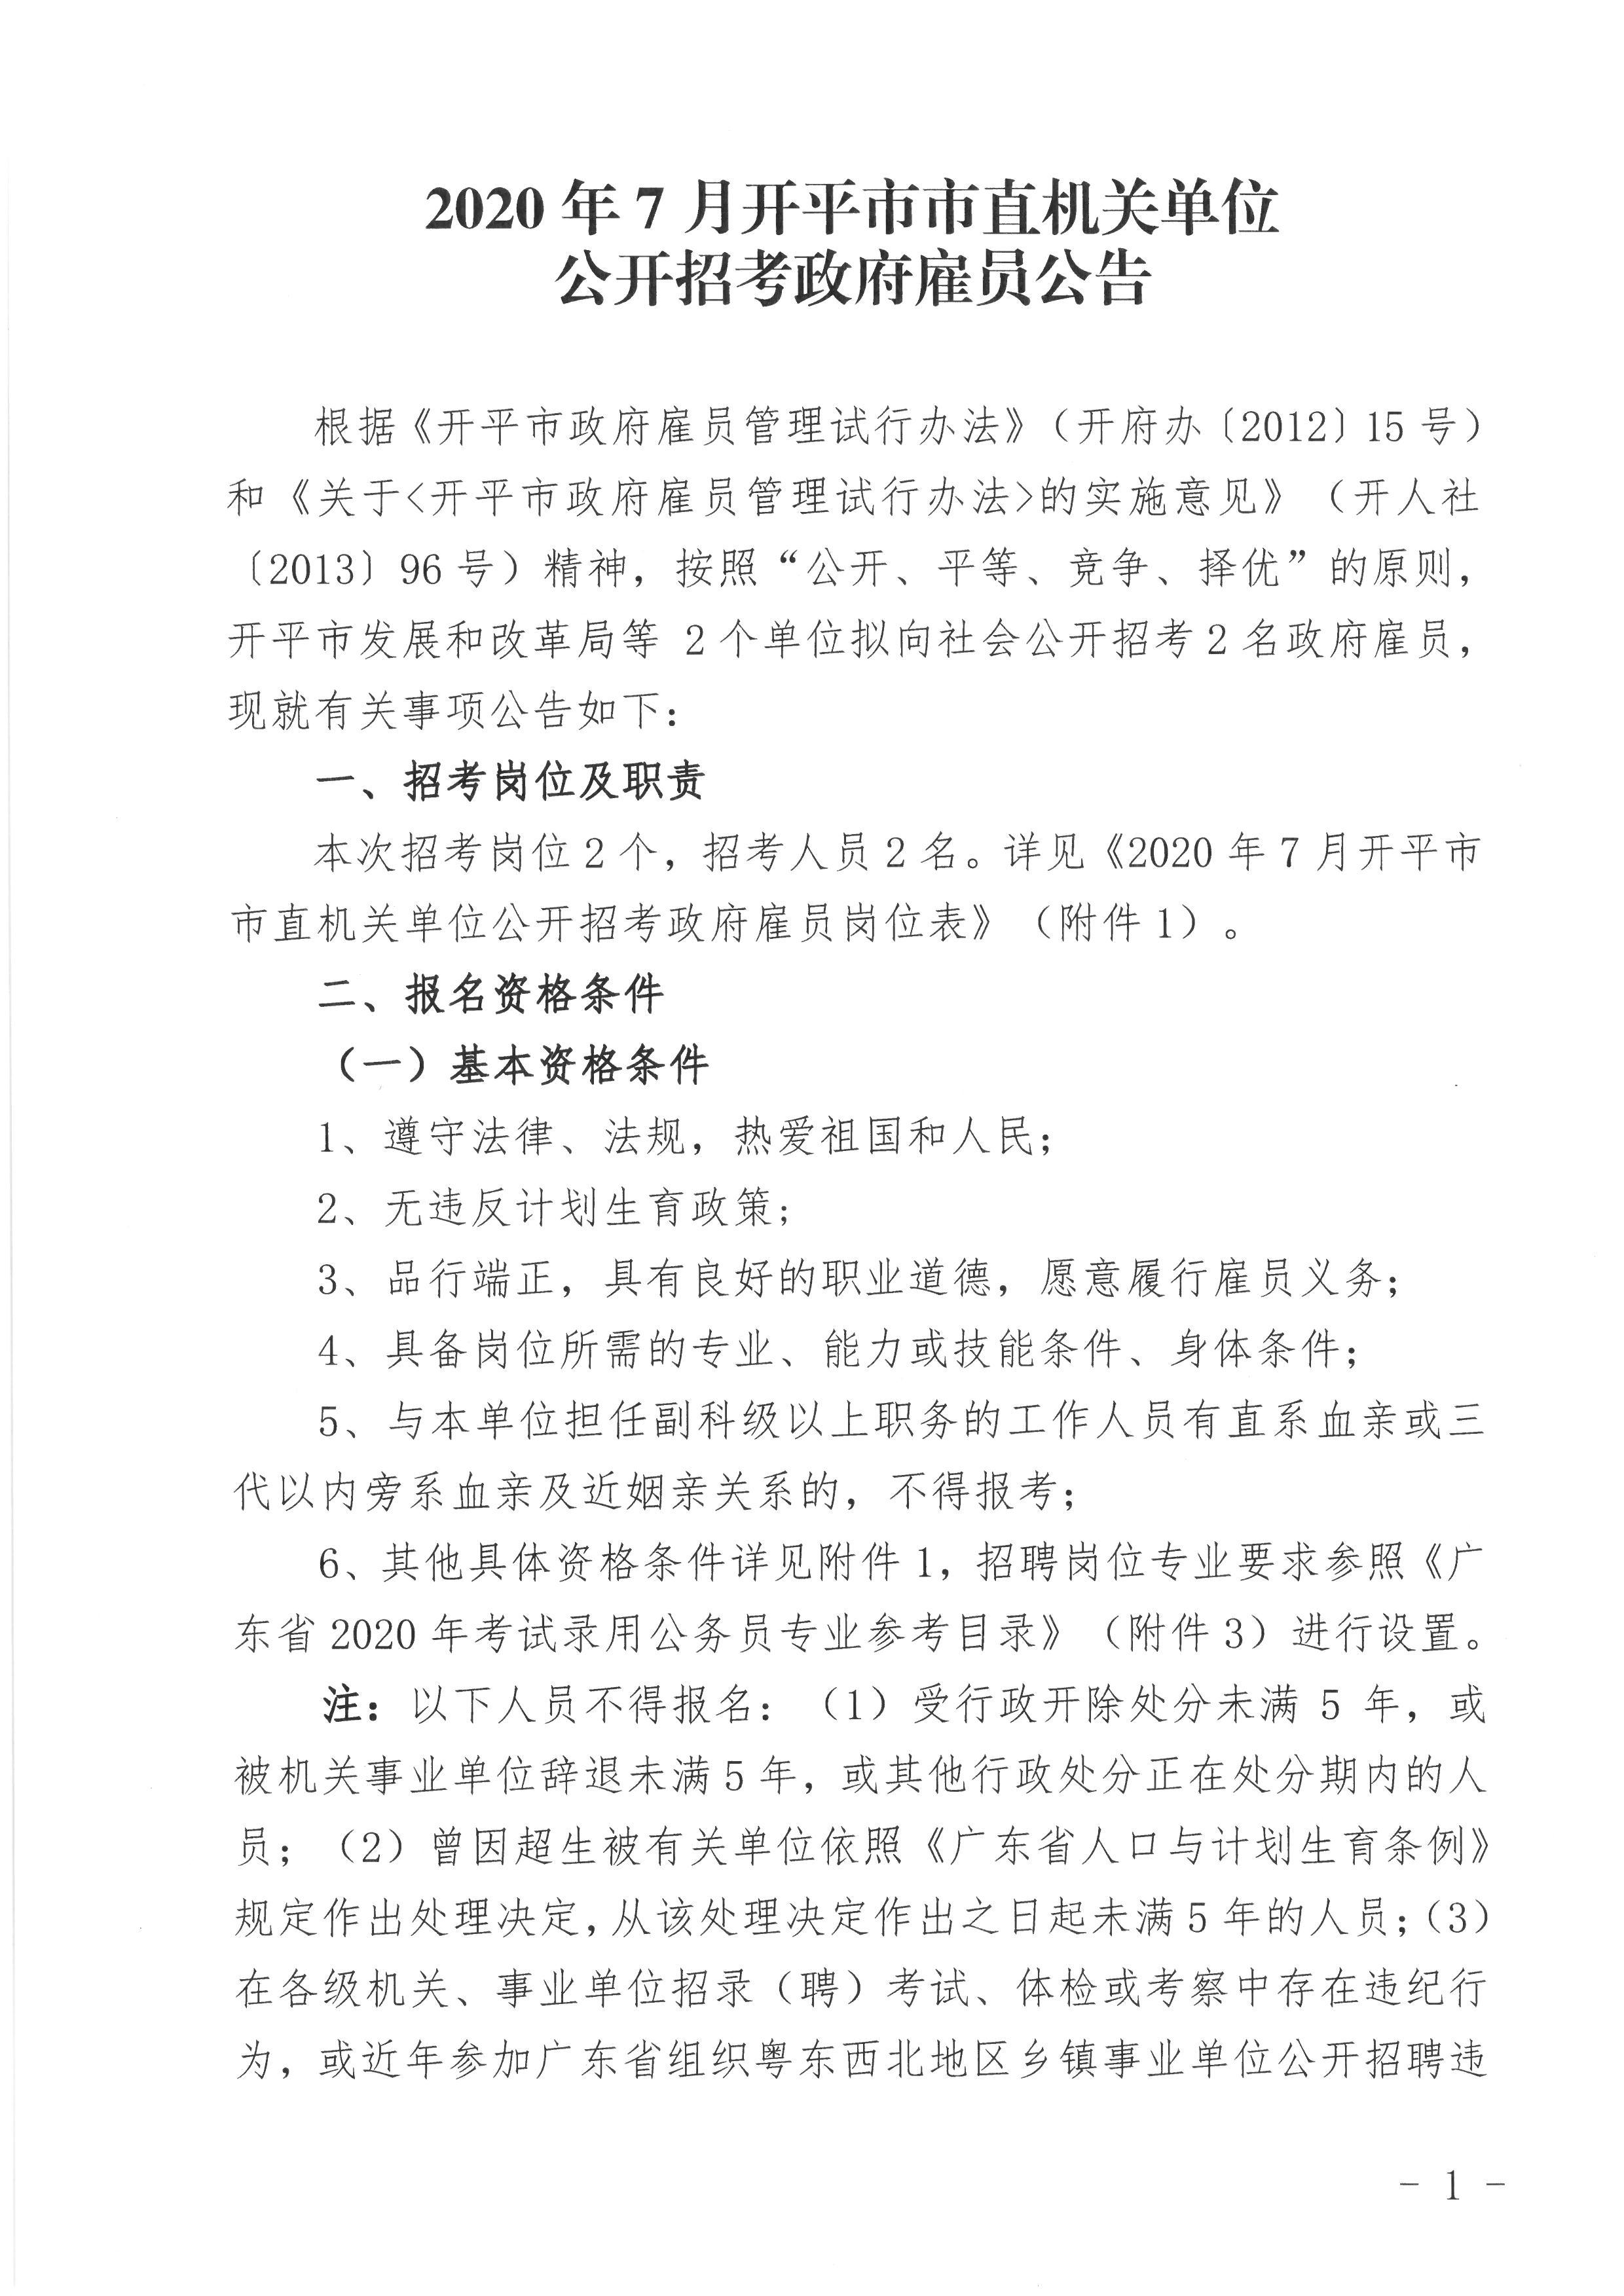 2020年7月江门开平市市直机关单位招考政府雇员公告图1